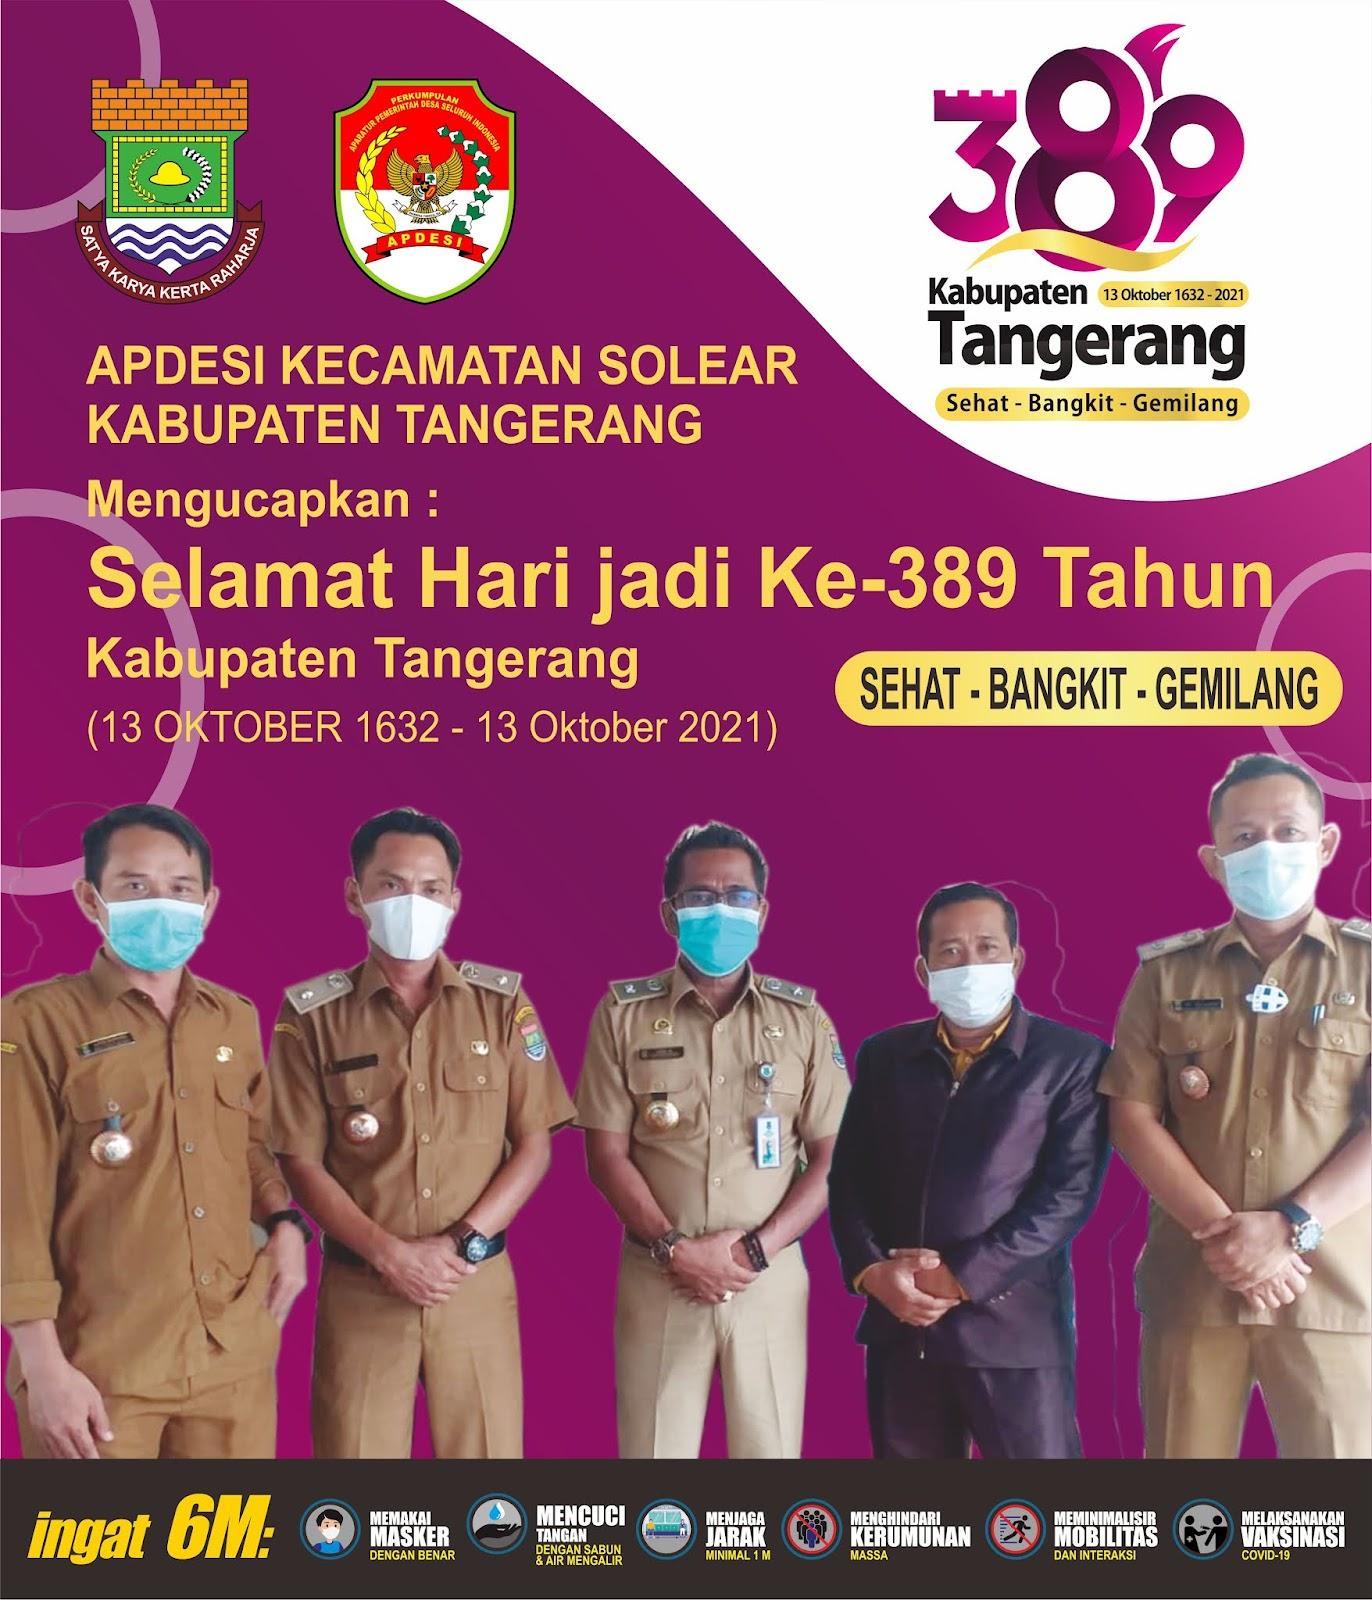 Hari Jadi Kabupaten Tangerang Ke-389 Apdesi Kecamatan Solear